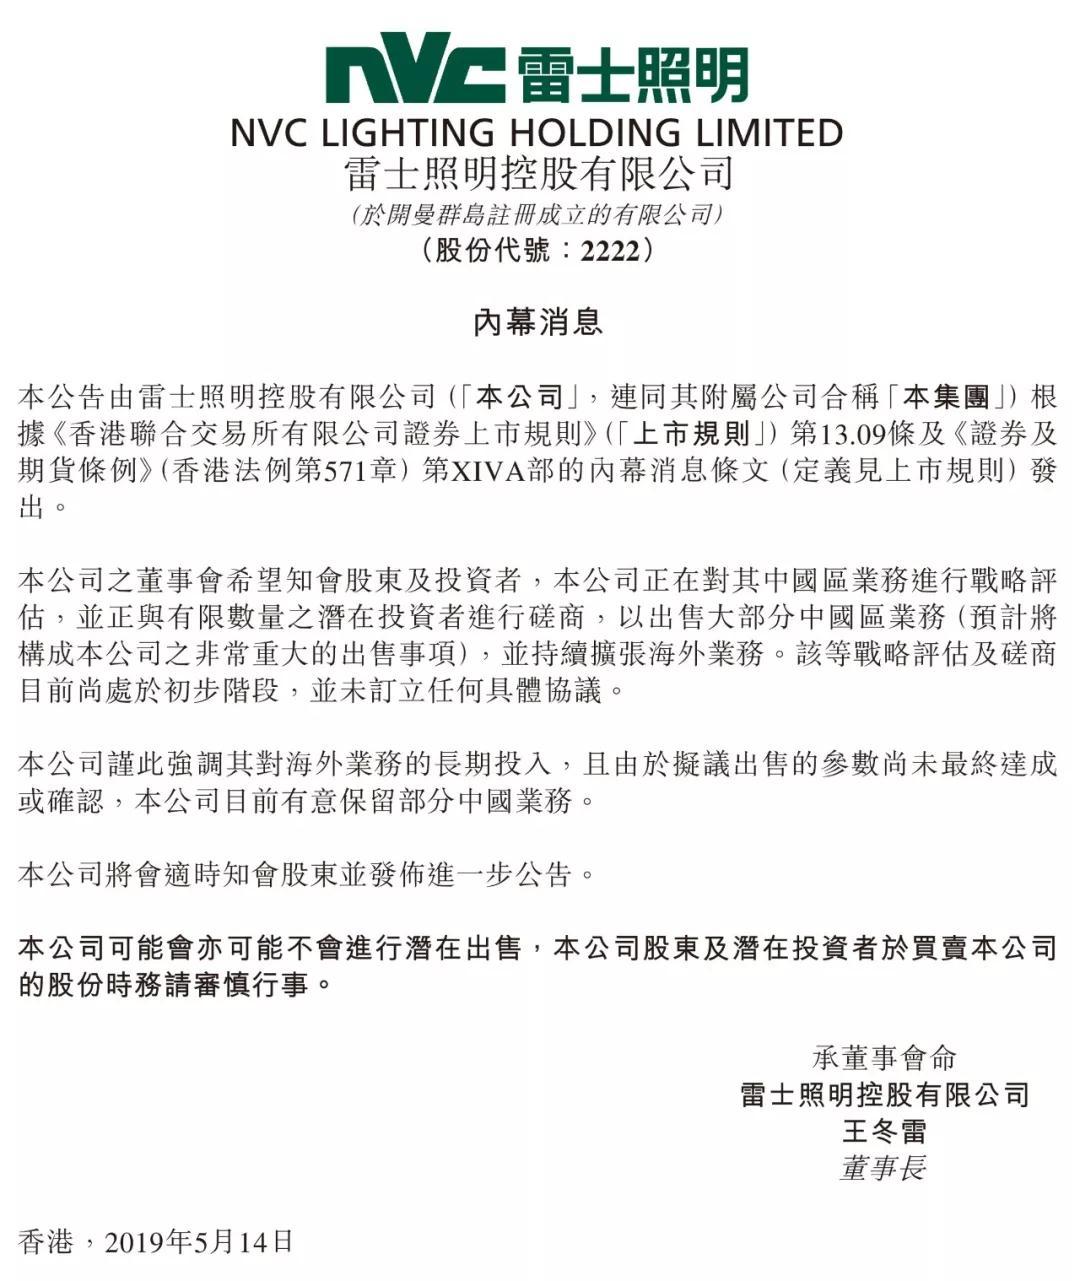 雷士照明拟出售大部分中国区业务